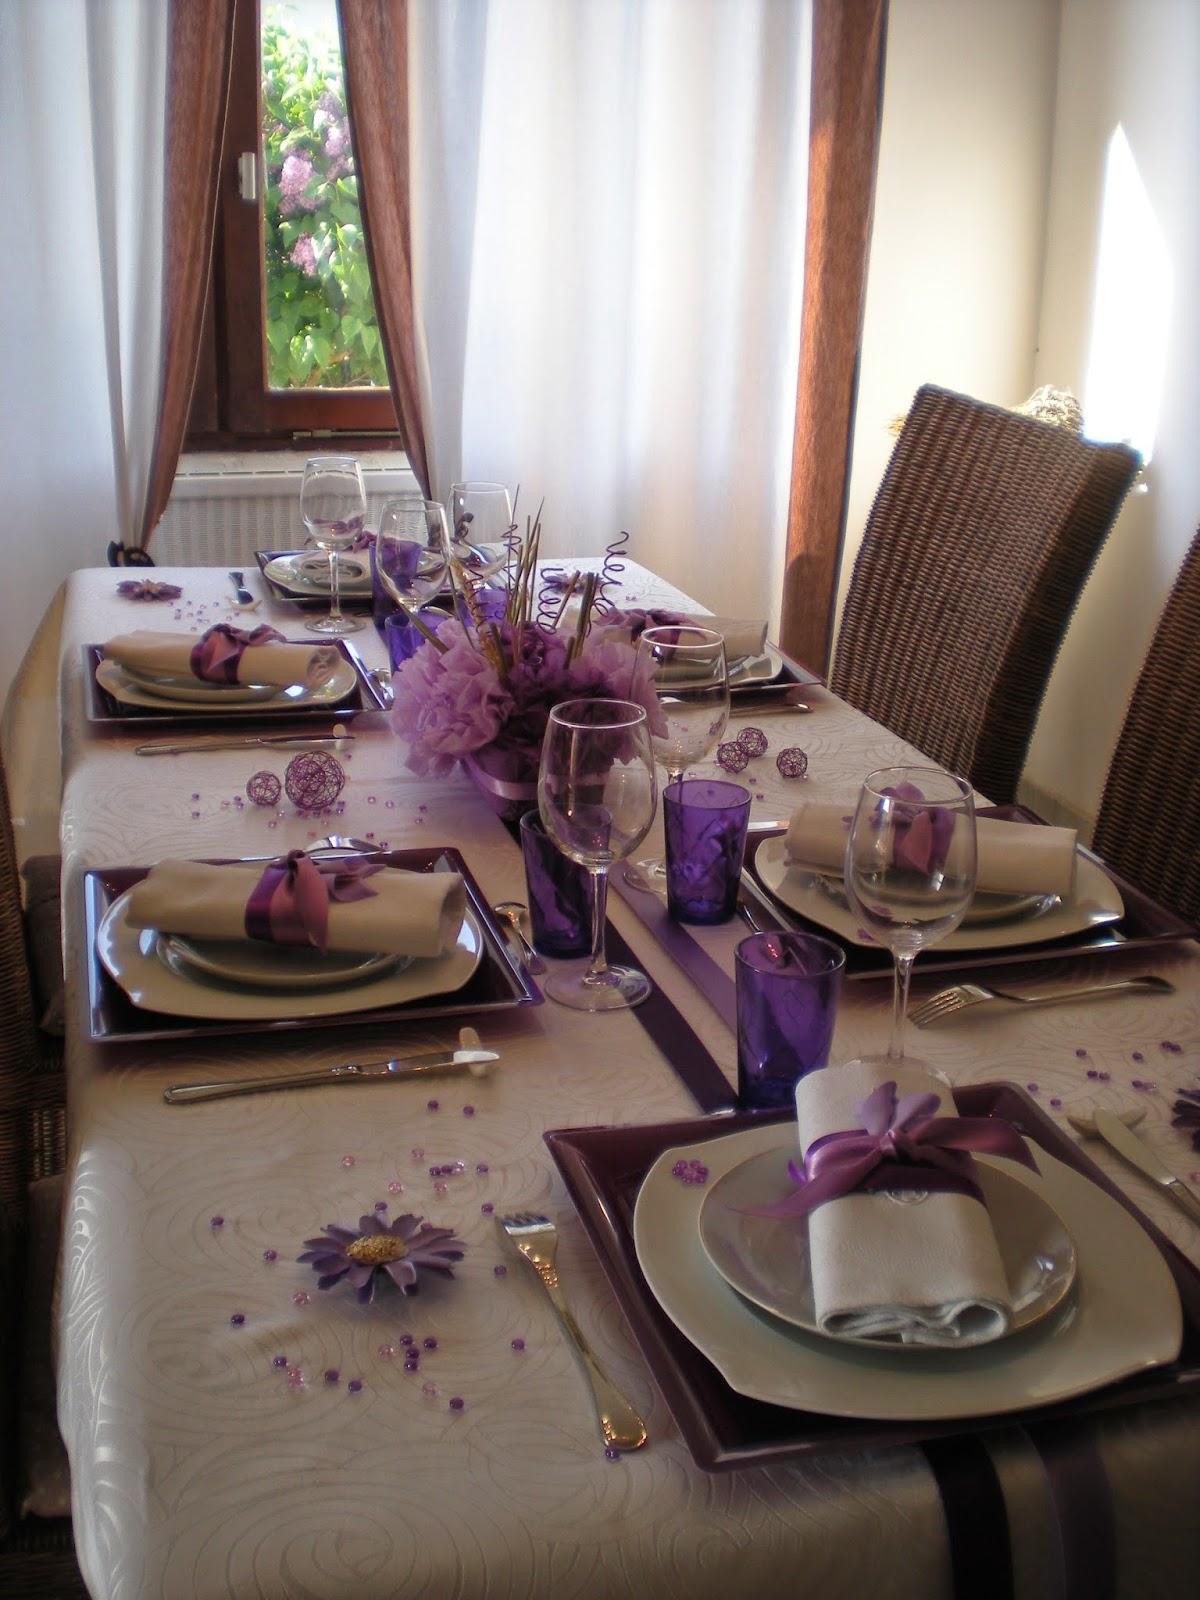 d co th mes une d co de table aux couleurs lilas mauve violet et blanc. Black Bedroom Furniture Sets. Home Design Ideas